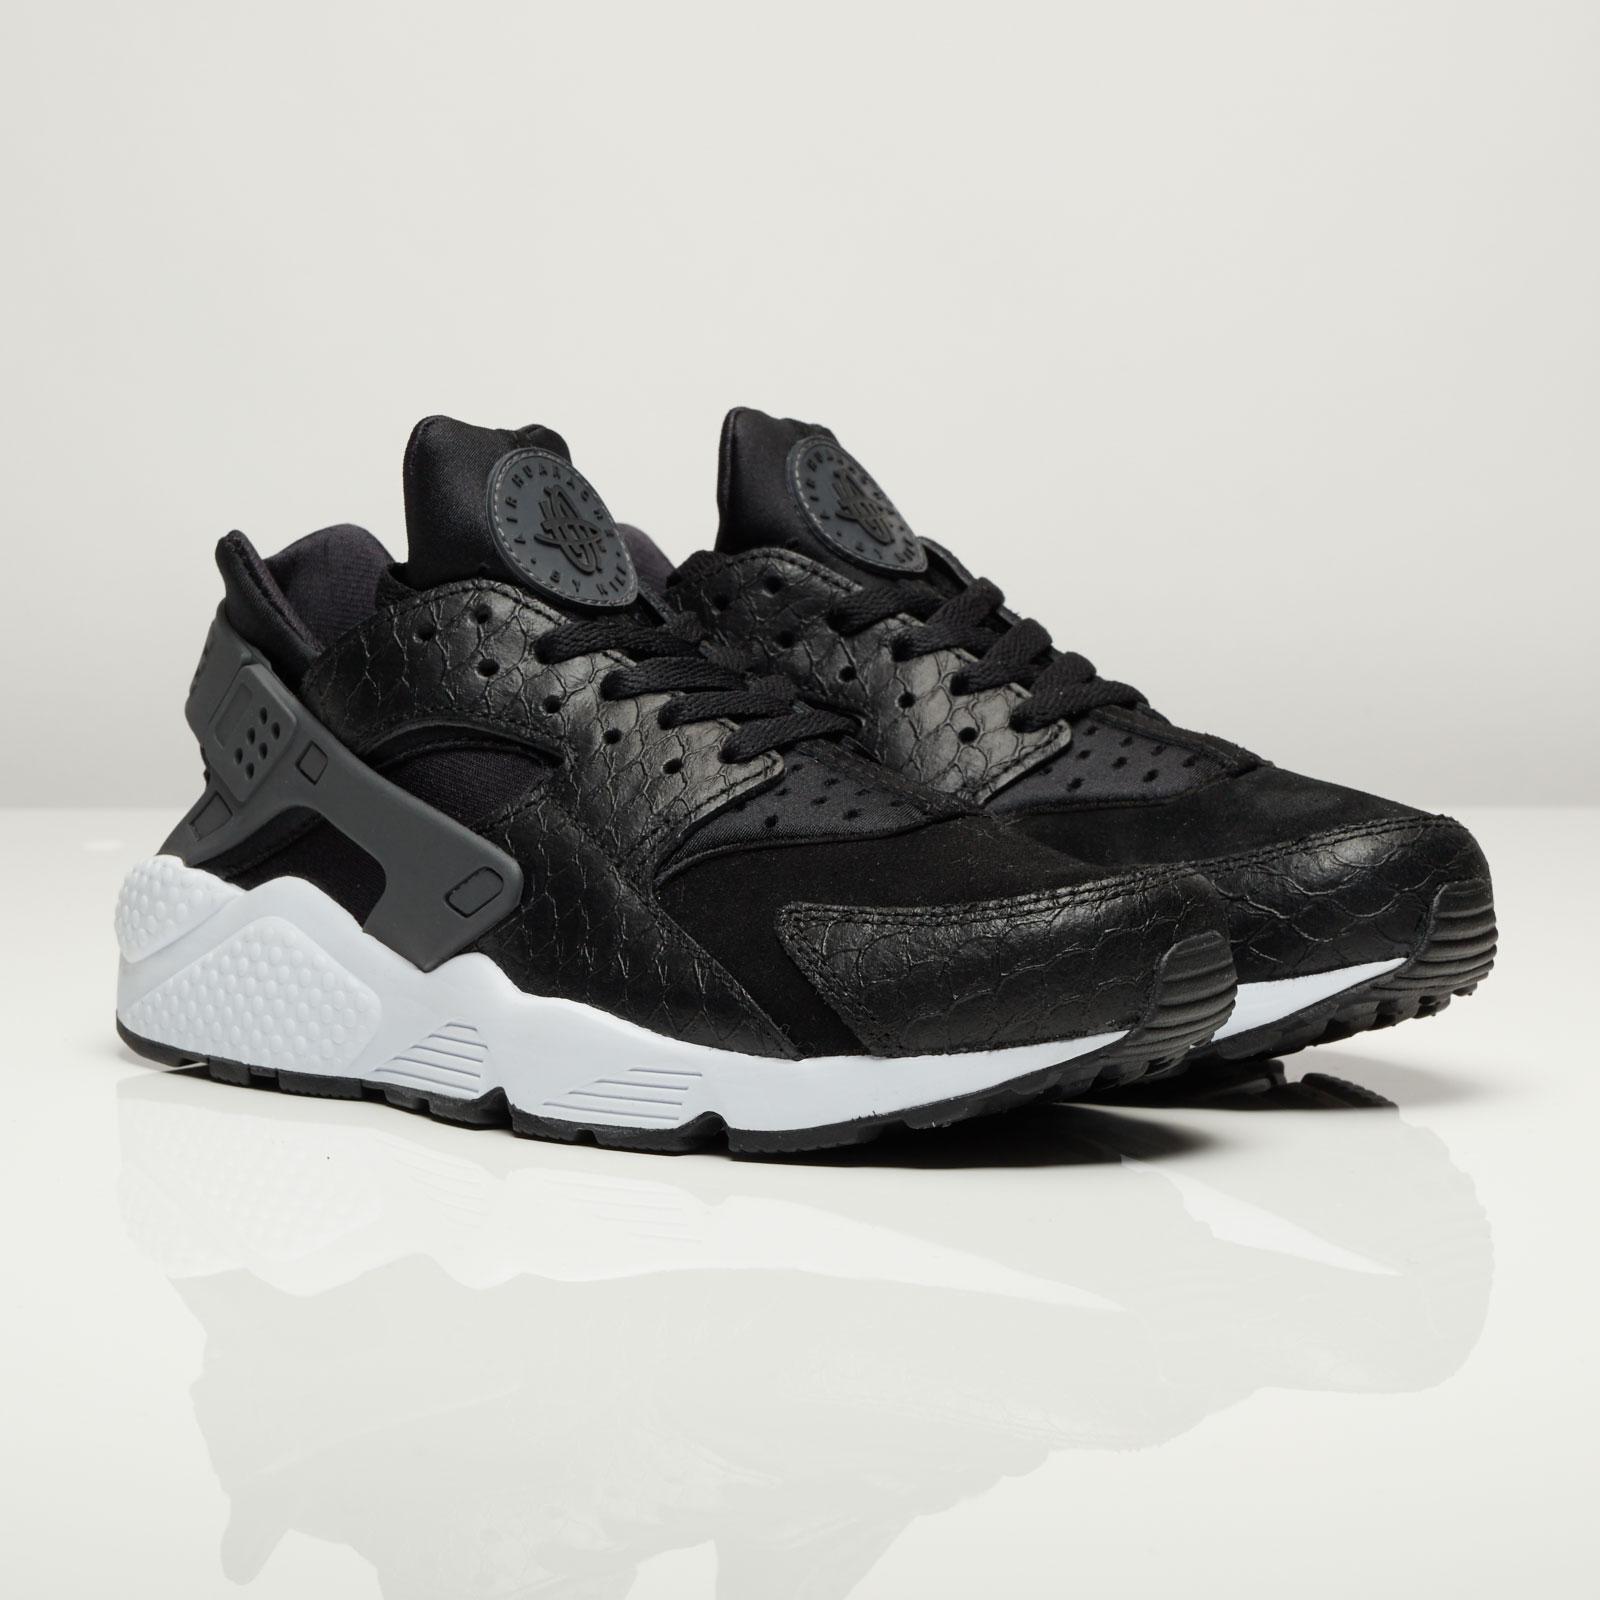 Nike Air Huarache Run Premium - 704830-001 - Sneakersnstuff ... 701a24da2